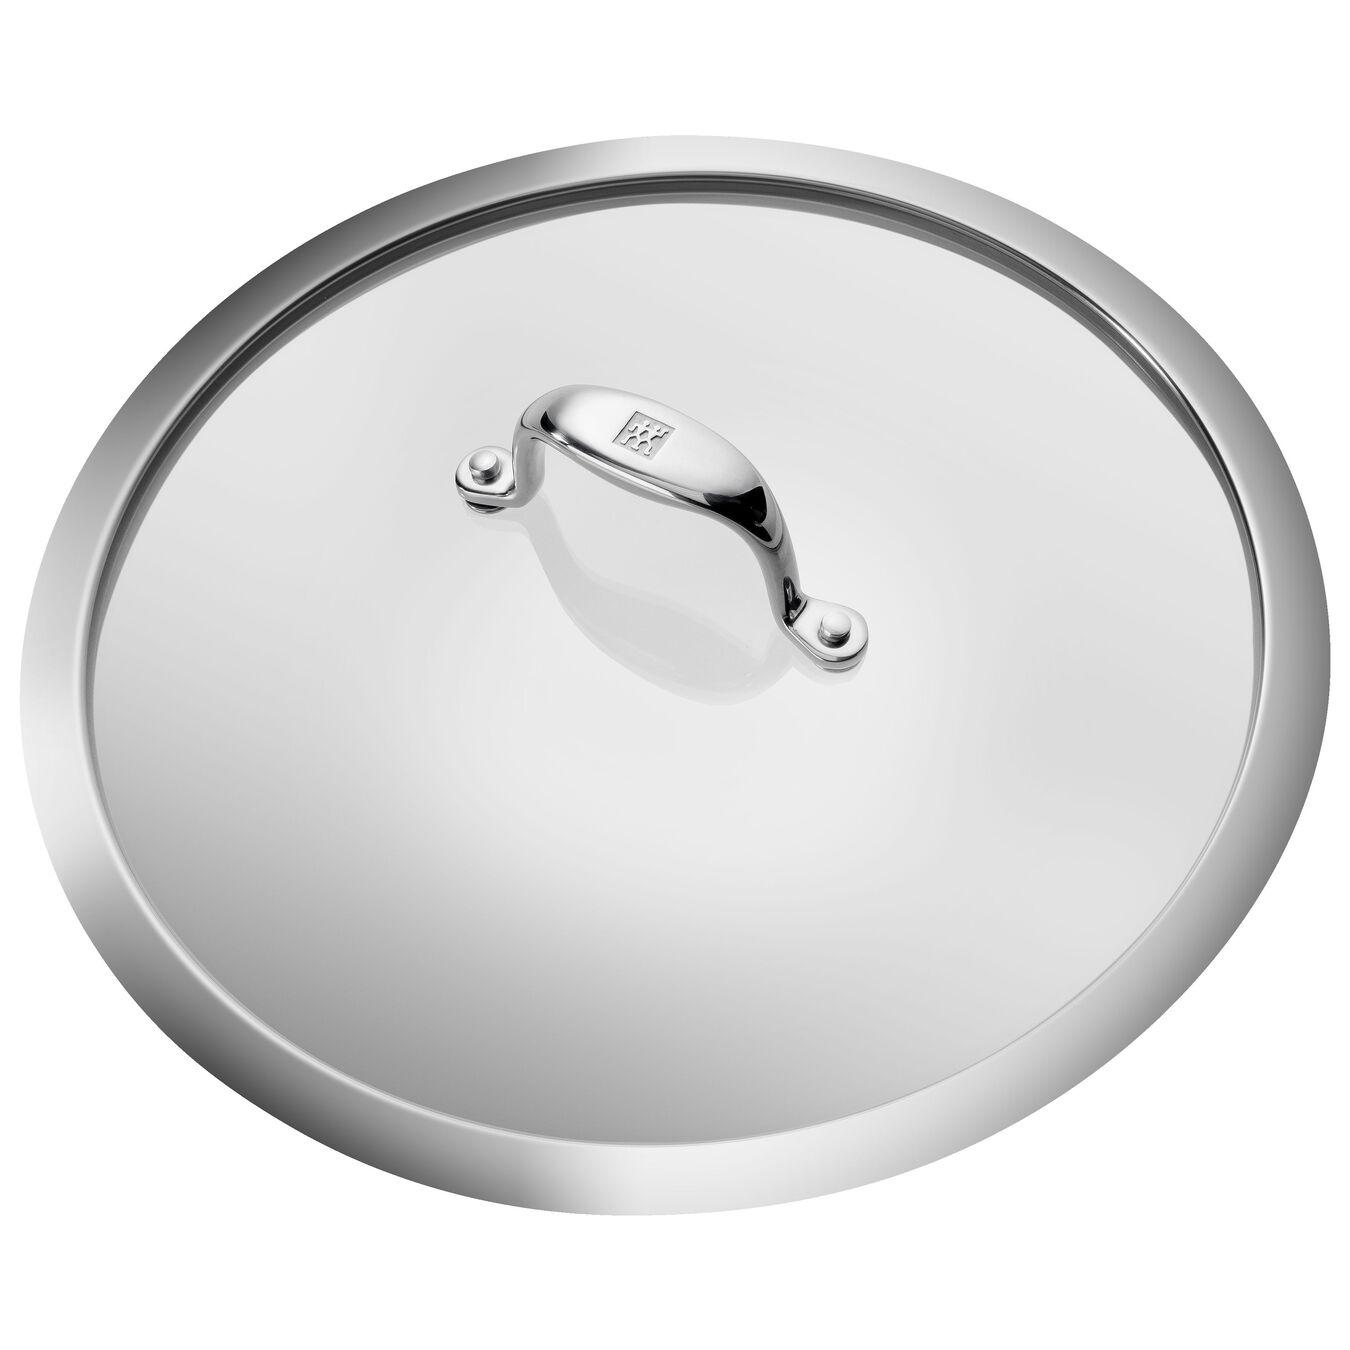 Bratpfanne mit Deckel 28 cm, Aluminium, Silber-Schwarz,,large 2